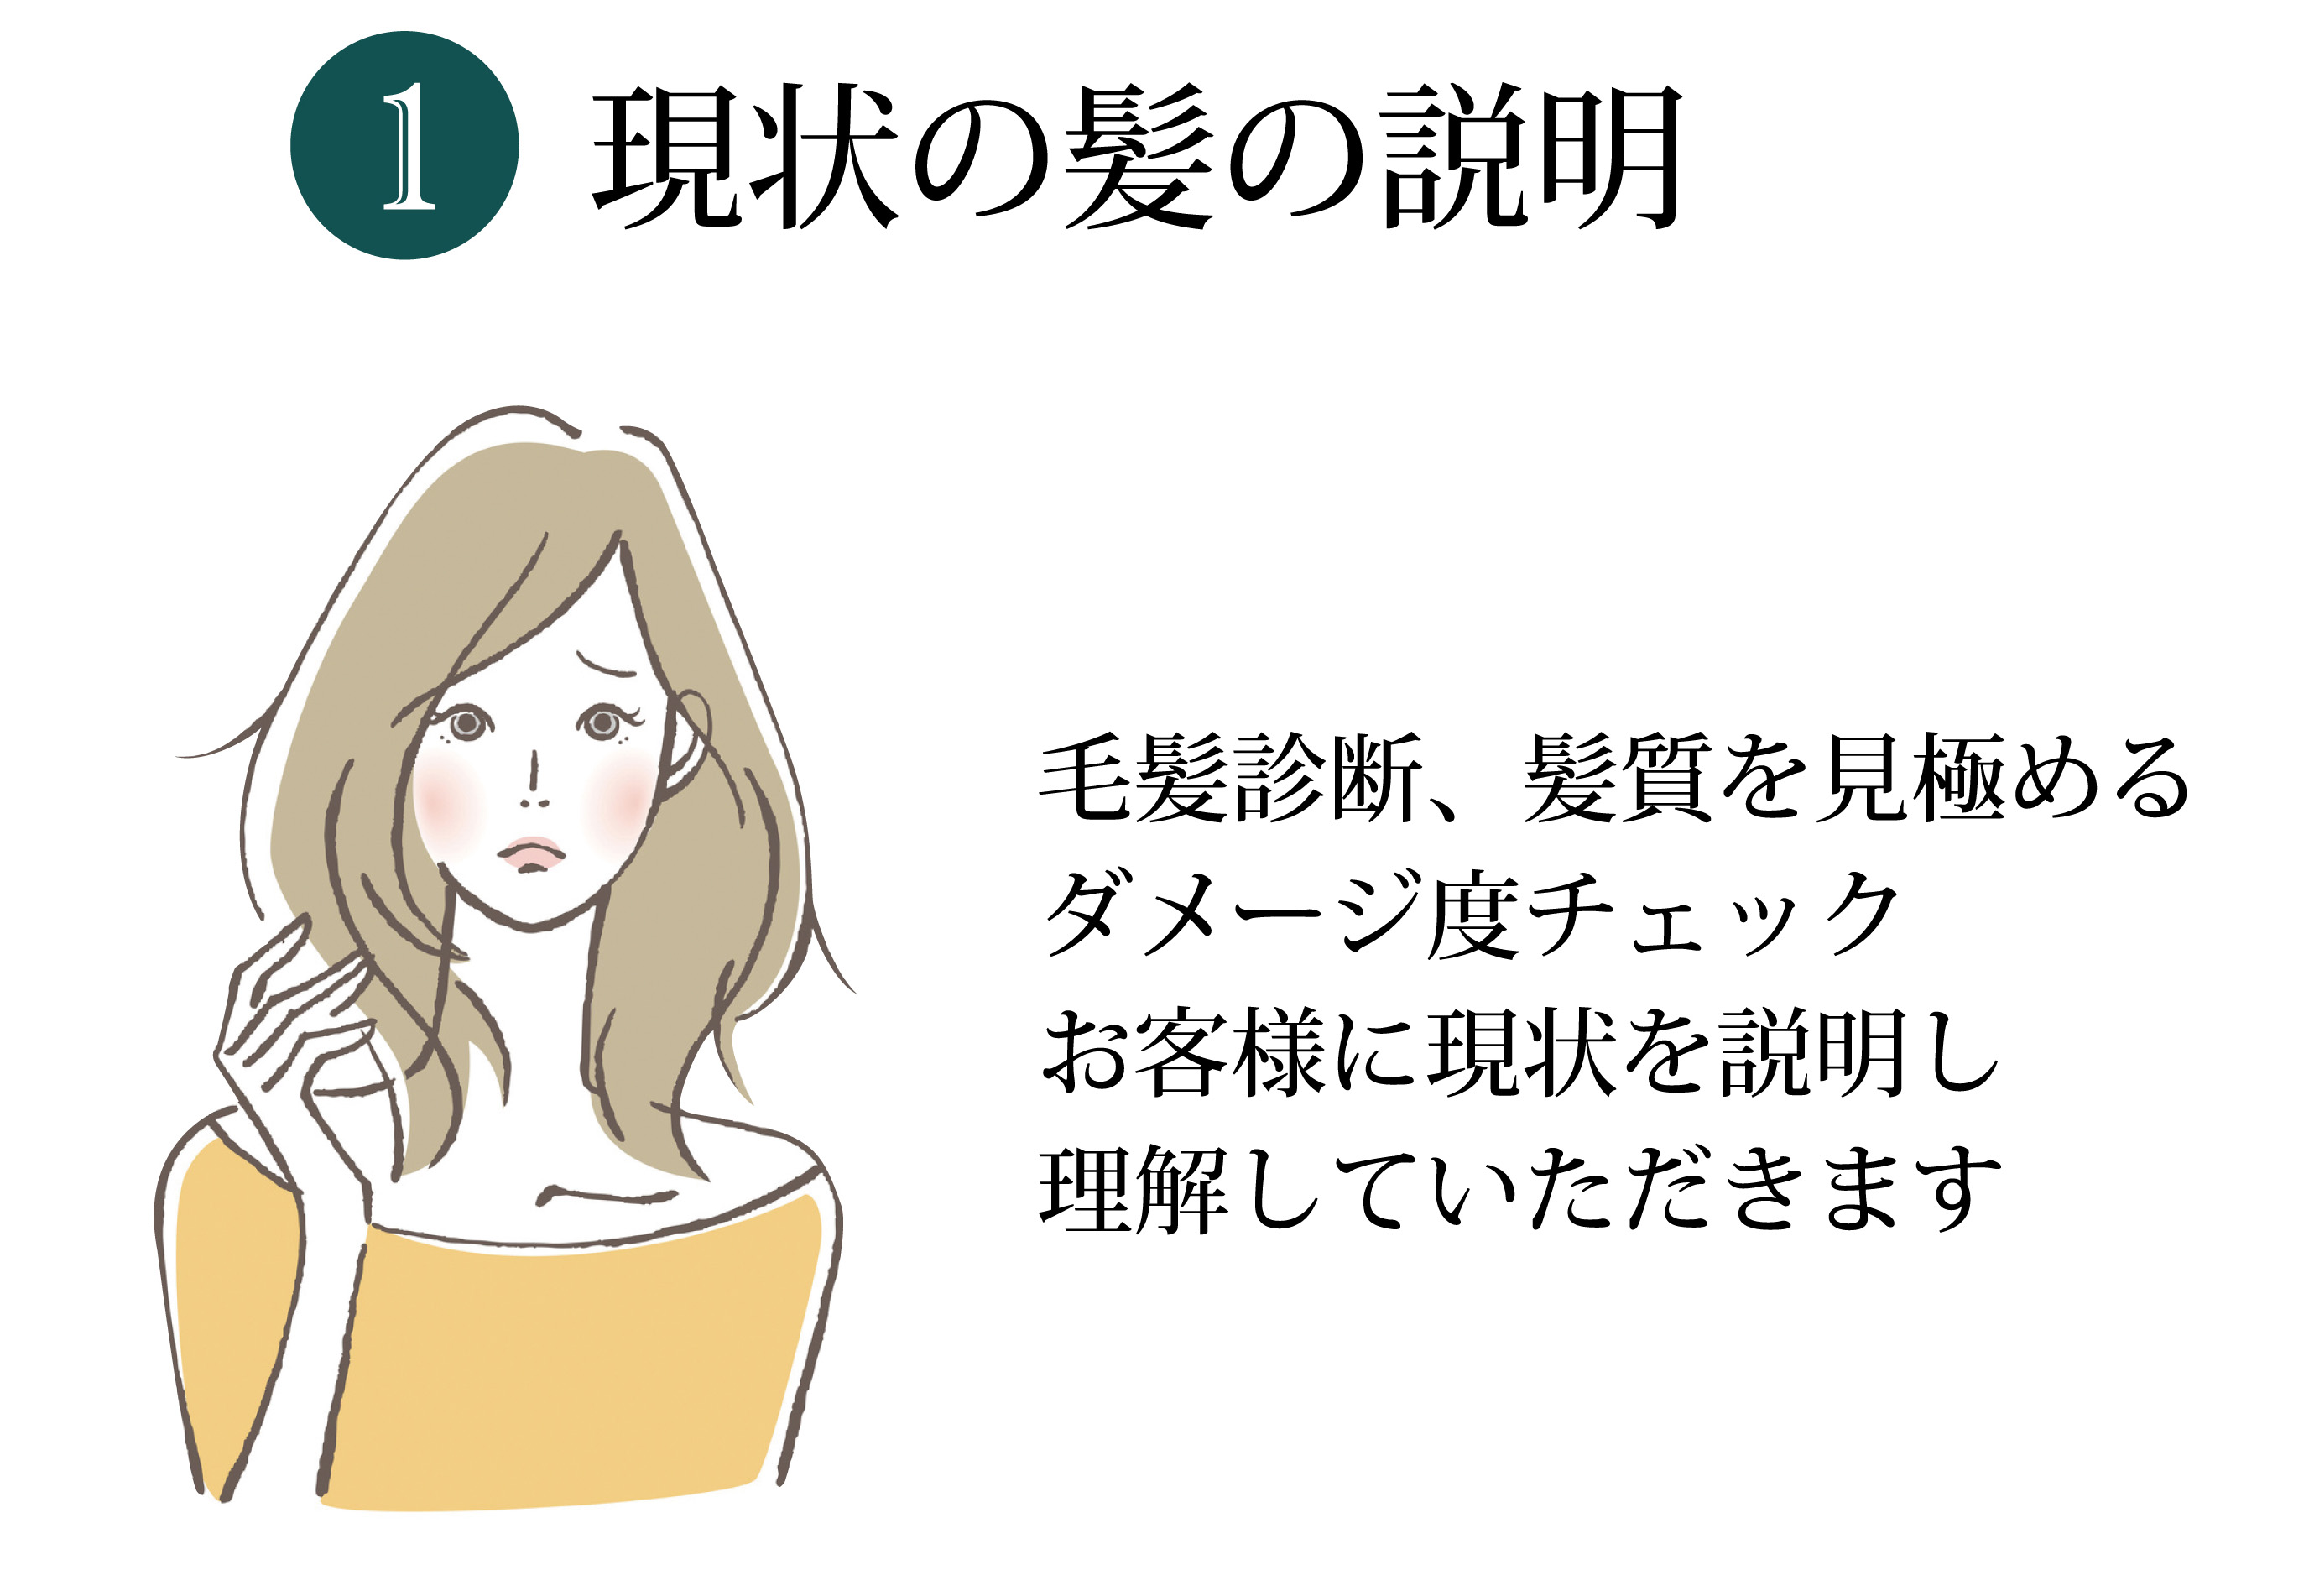 現状の髪の説明 毛髪診断、髪質を見極めるダメージ度チェック お客様に現状を説明し理解していただきます